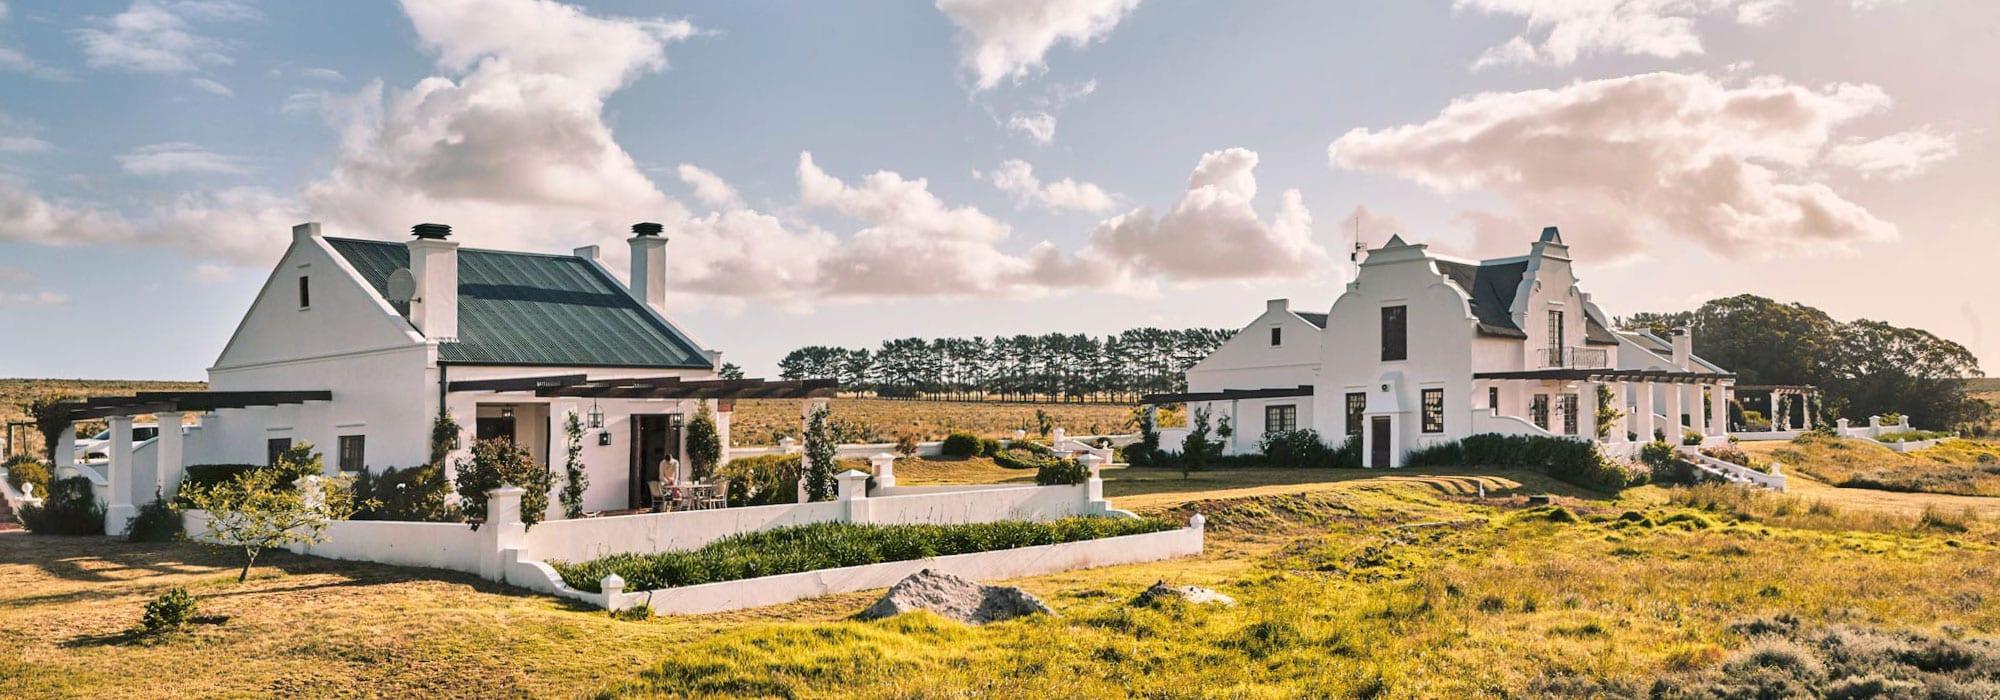 Ansicht Ferienhäuser Zebra, Eland und Springbok von Doornbosch Gamelodge & Gästehäuser